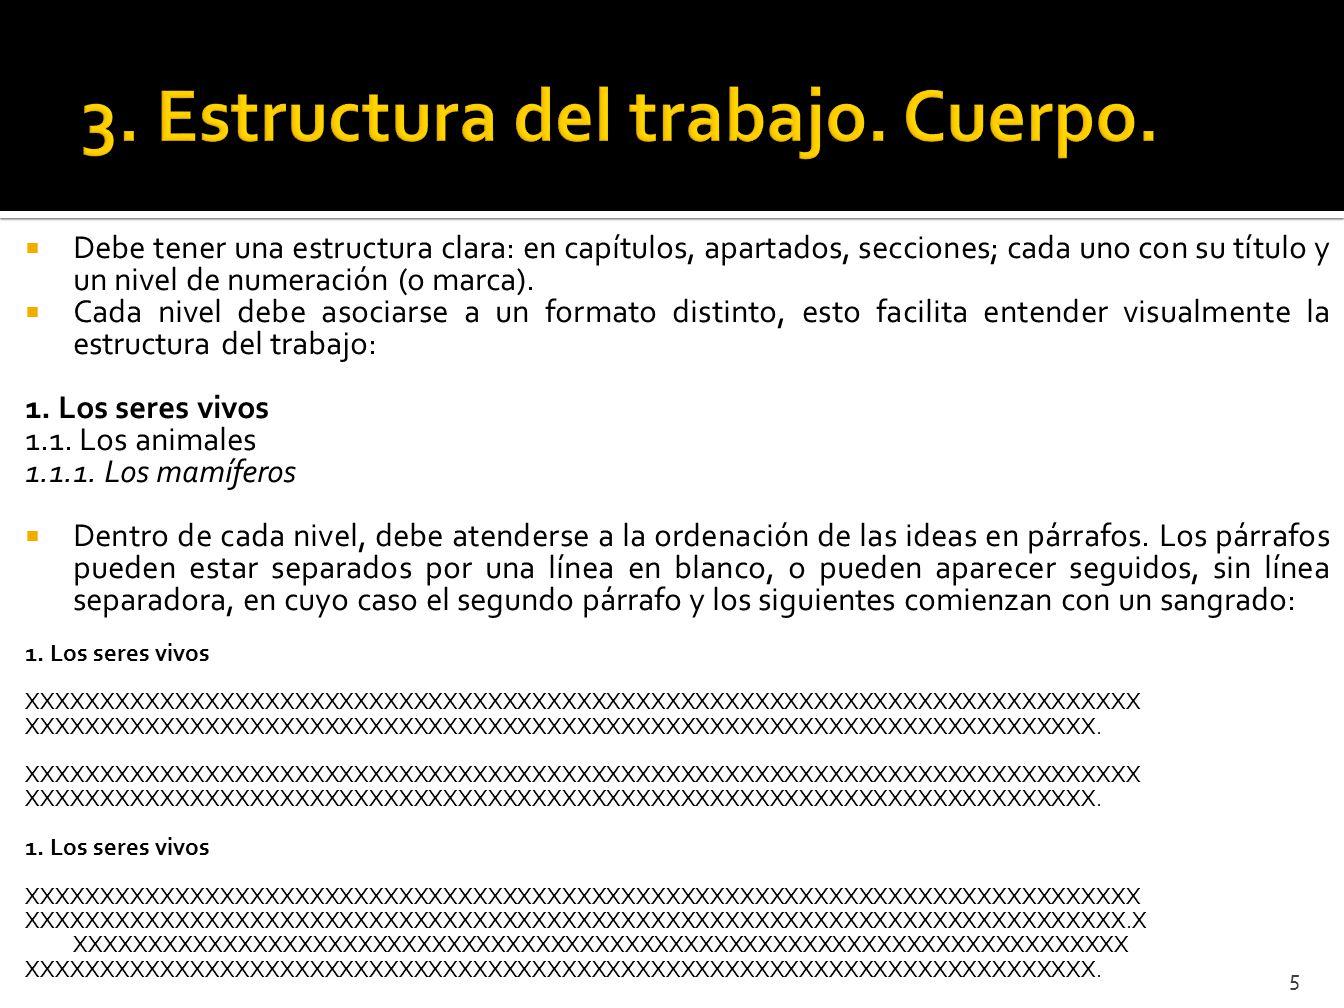 3. Estructura del trabajo. Cuerpo.